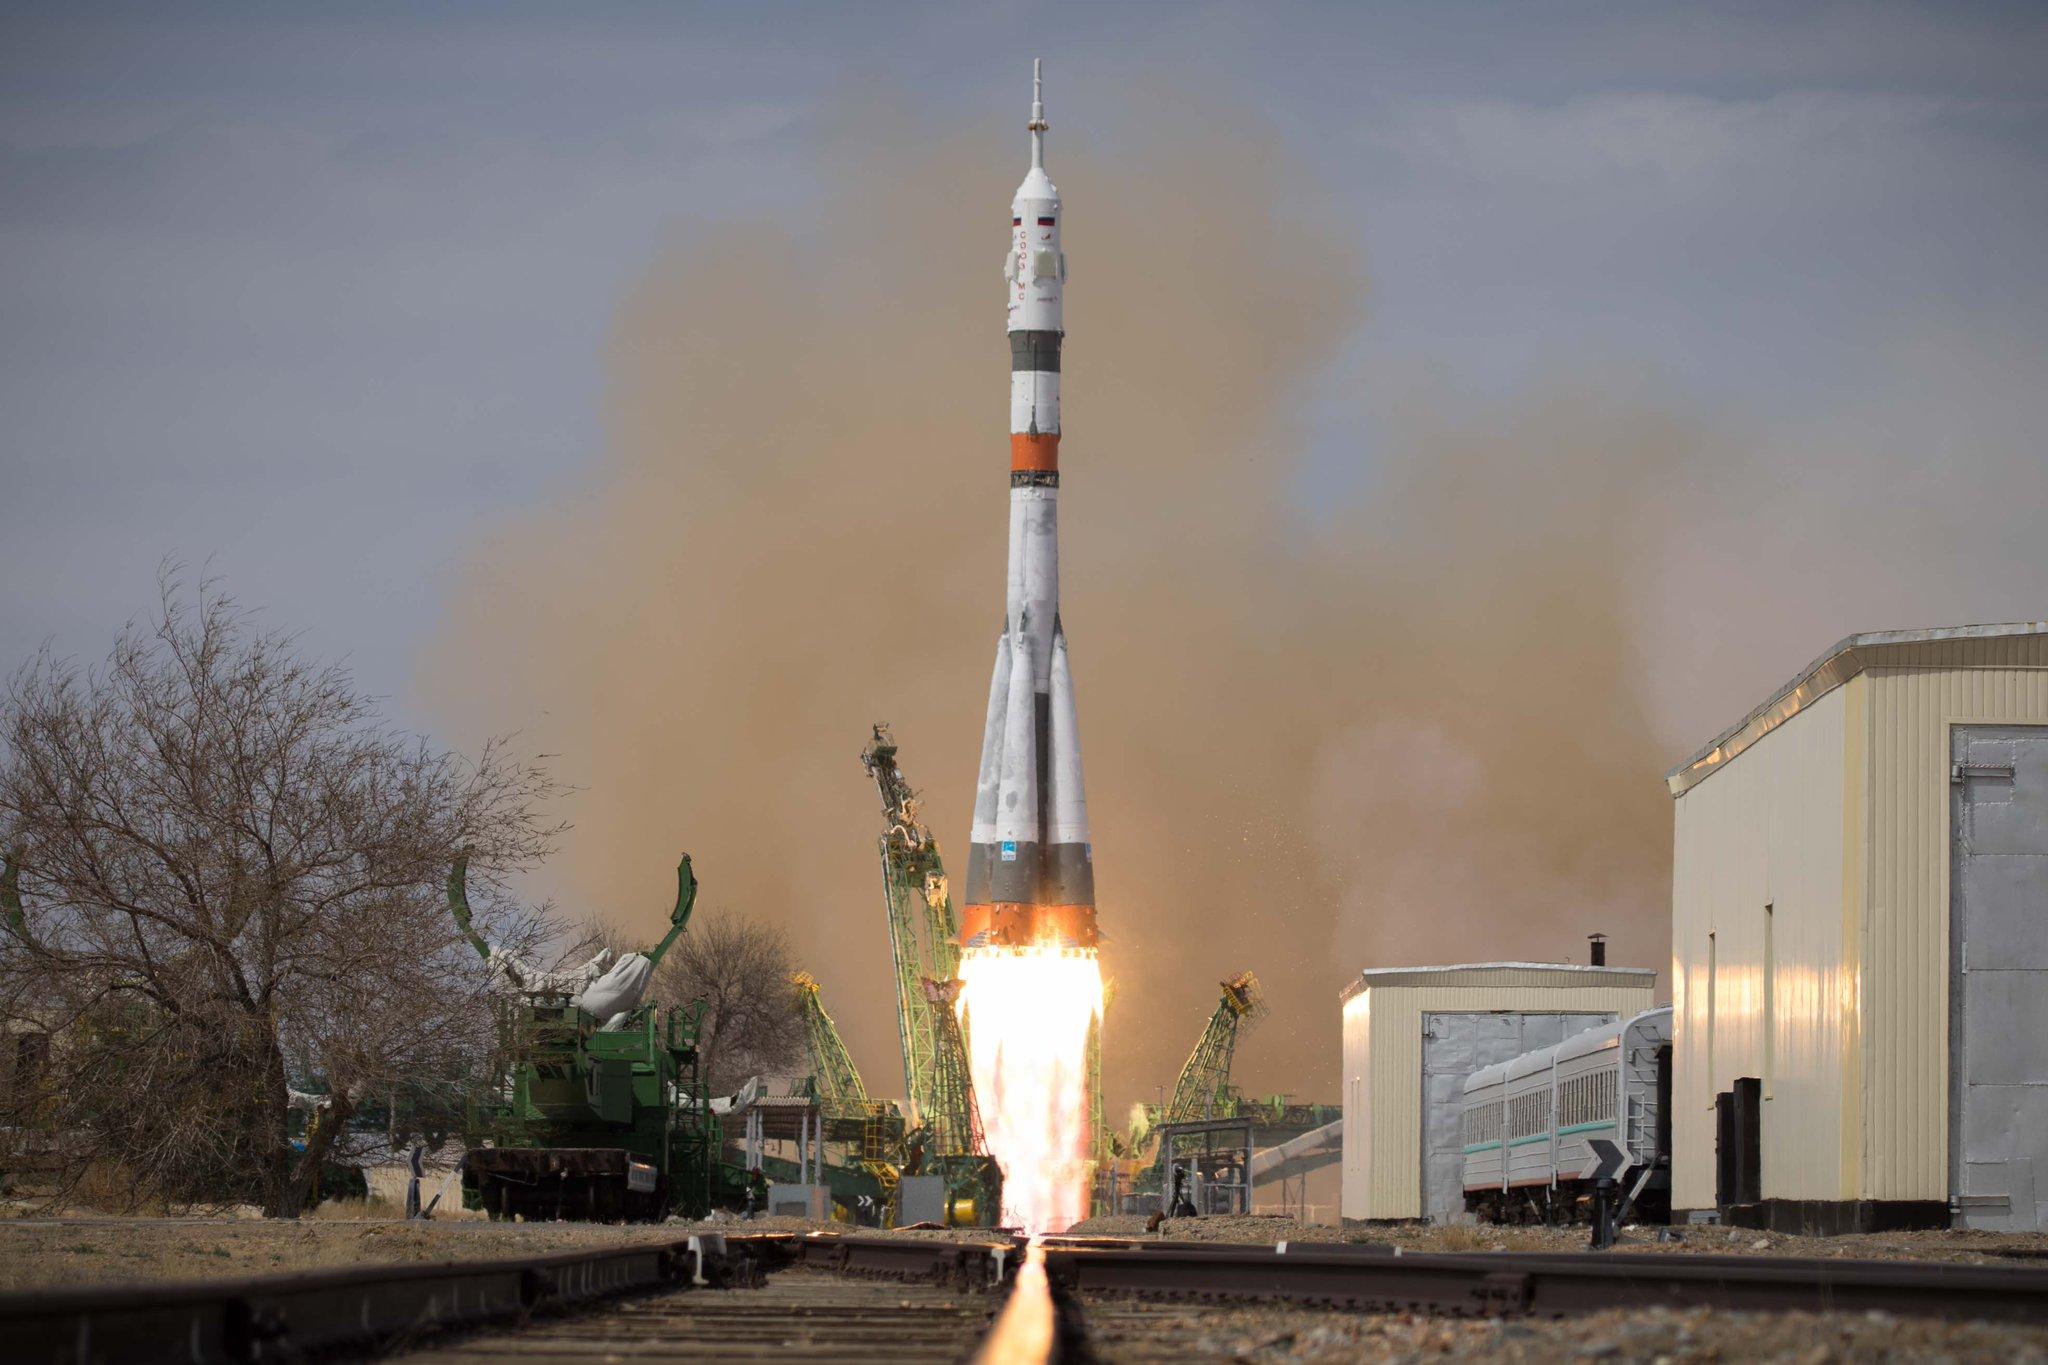 Figure 1: Lansarea primei rachete Sozyu-2.1a cu o capsulă cu echipaj la bord (Soyuz MS-16) de la cosmodromul din Baikonur. A fost al 102-lea zbor al unei rachete Soyuz. (Sursa foto: Roscosmos)